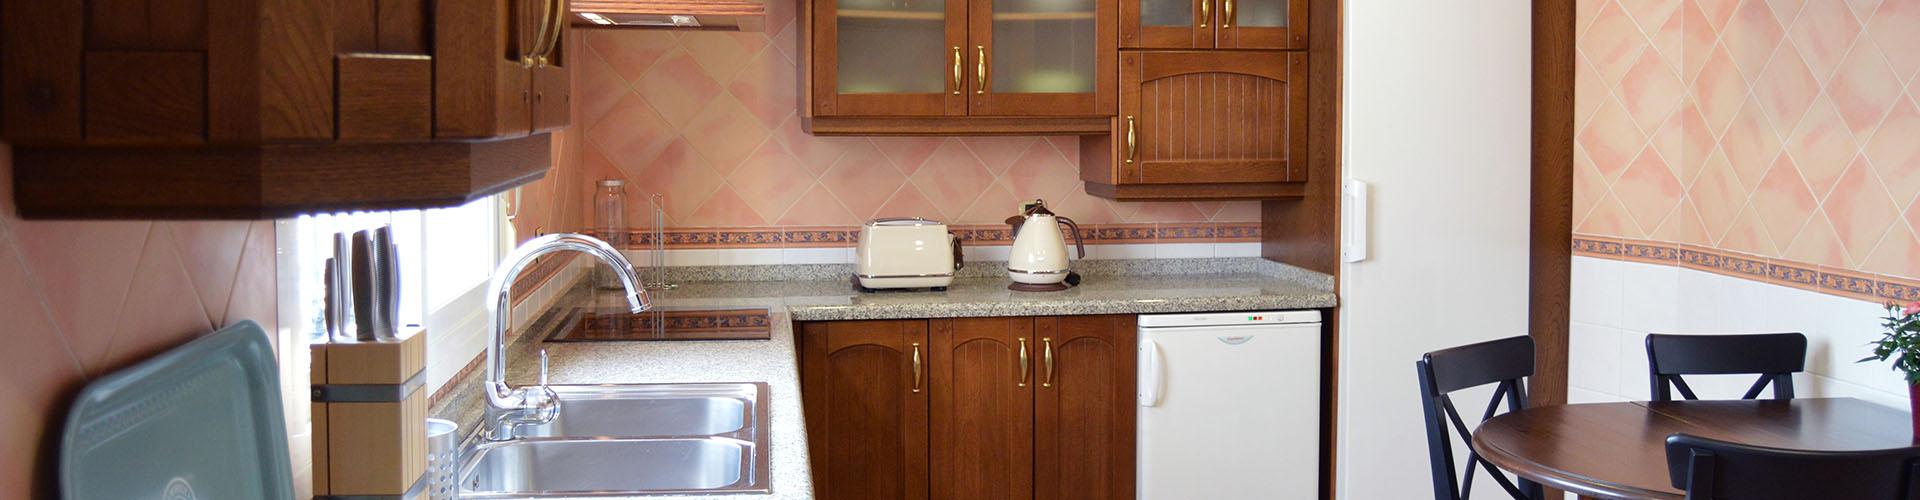 Comodus · Apartamento y Coworking · Cocina